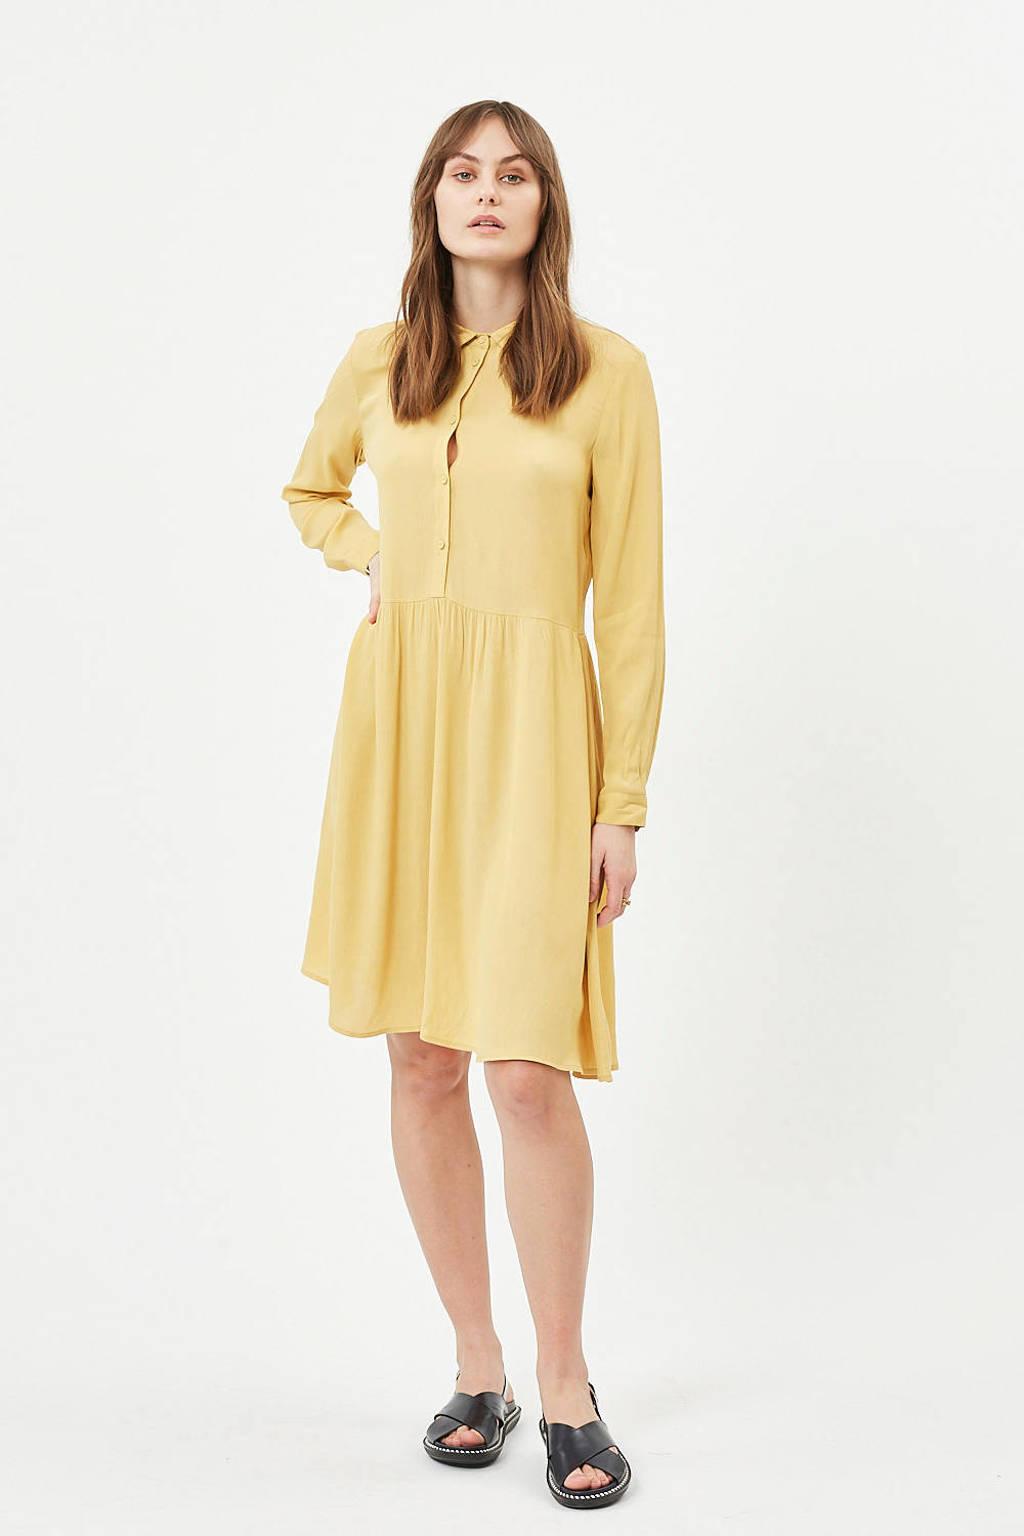 Minimum jurk Bindie geel, rattan